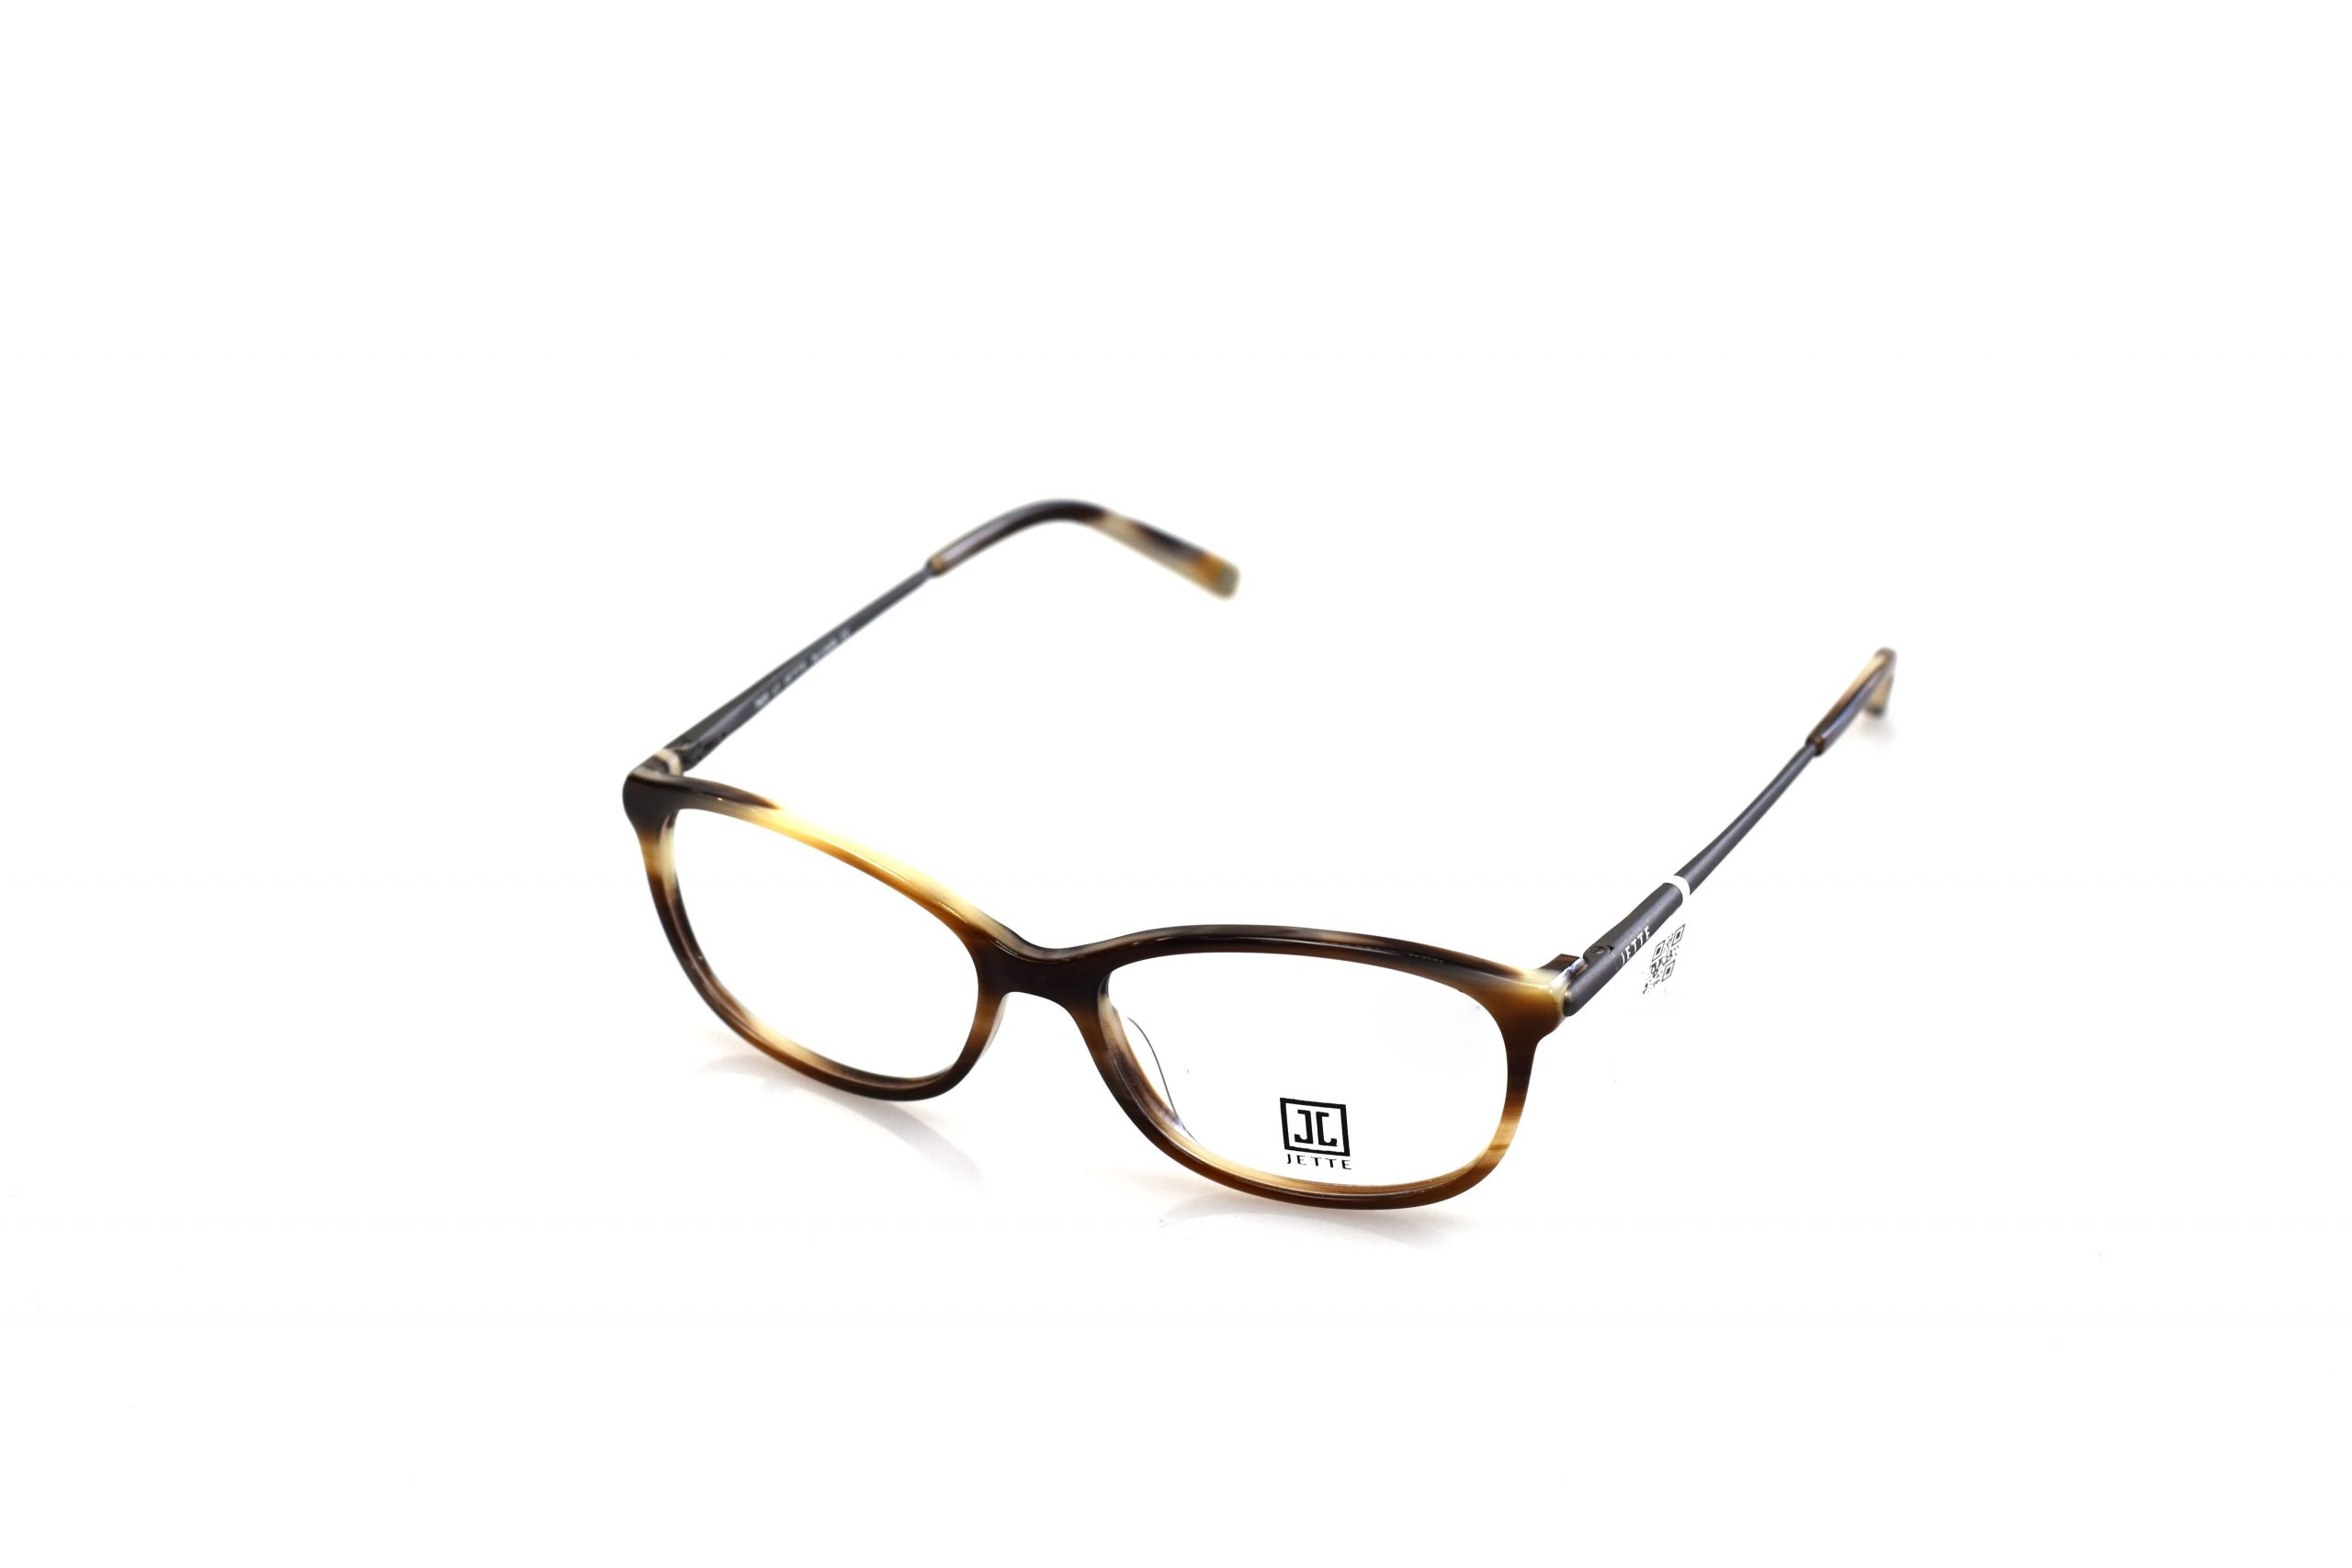 ochelari de vedere JETTE 7605-C1